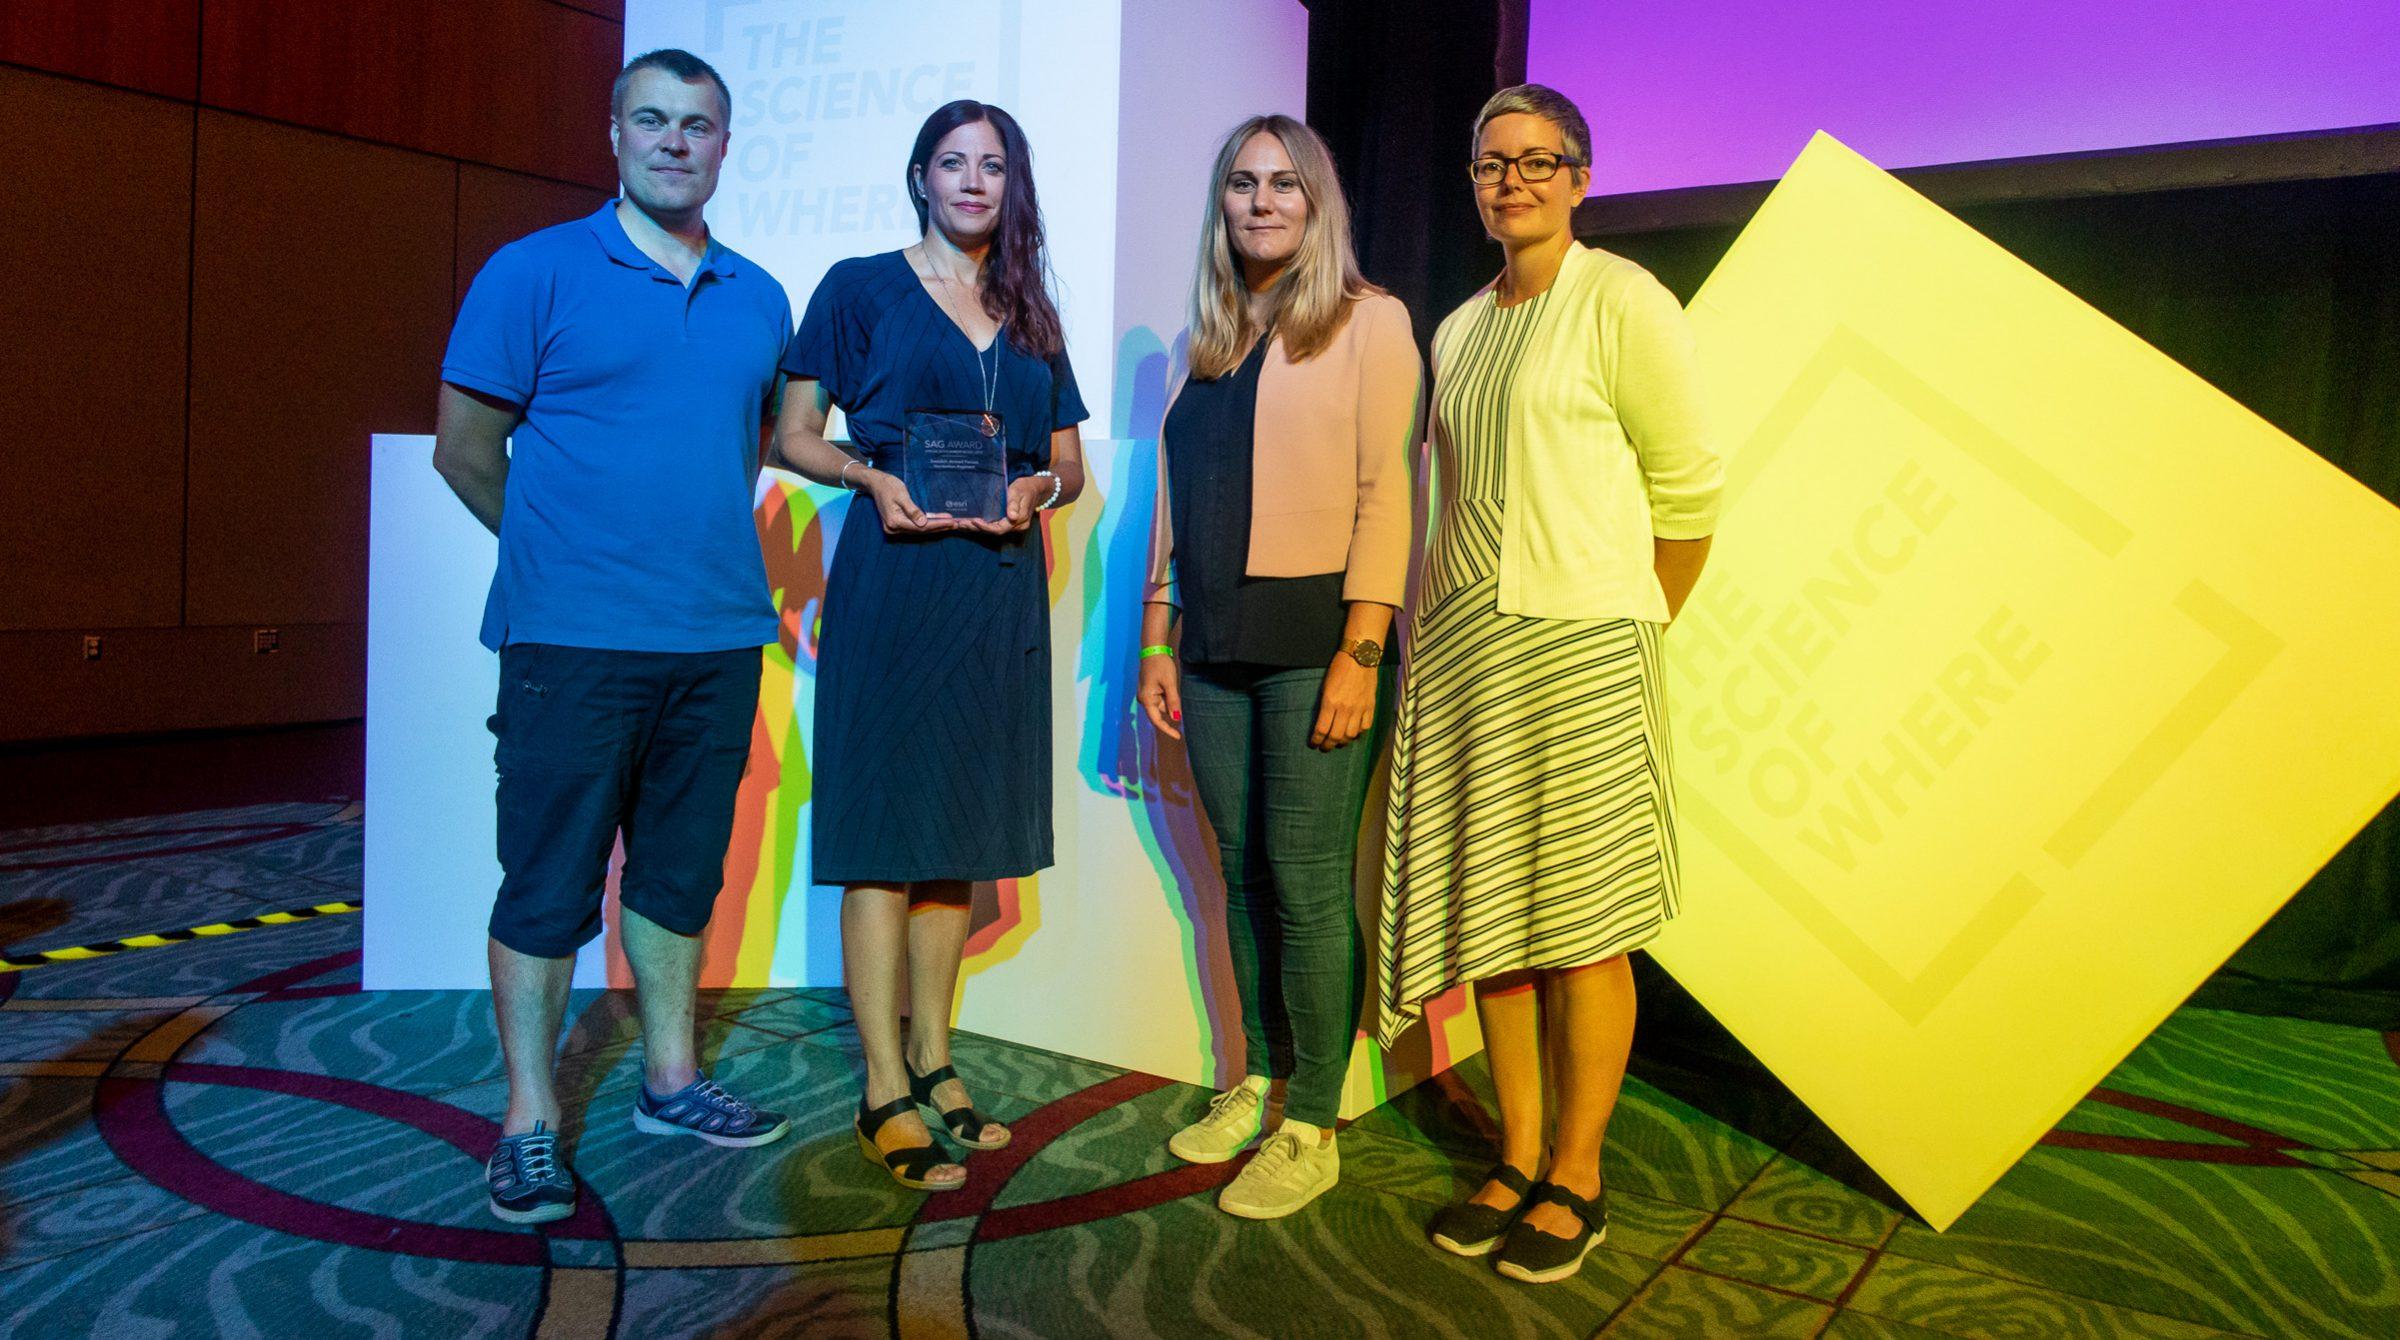 Försvarsmakten vinnare av SAG-award 2019